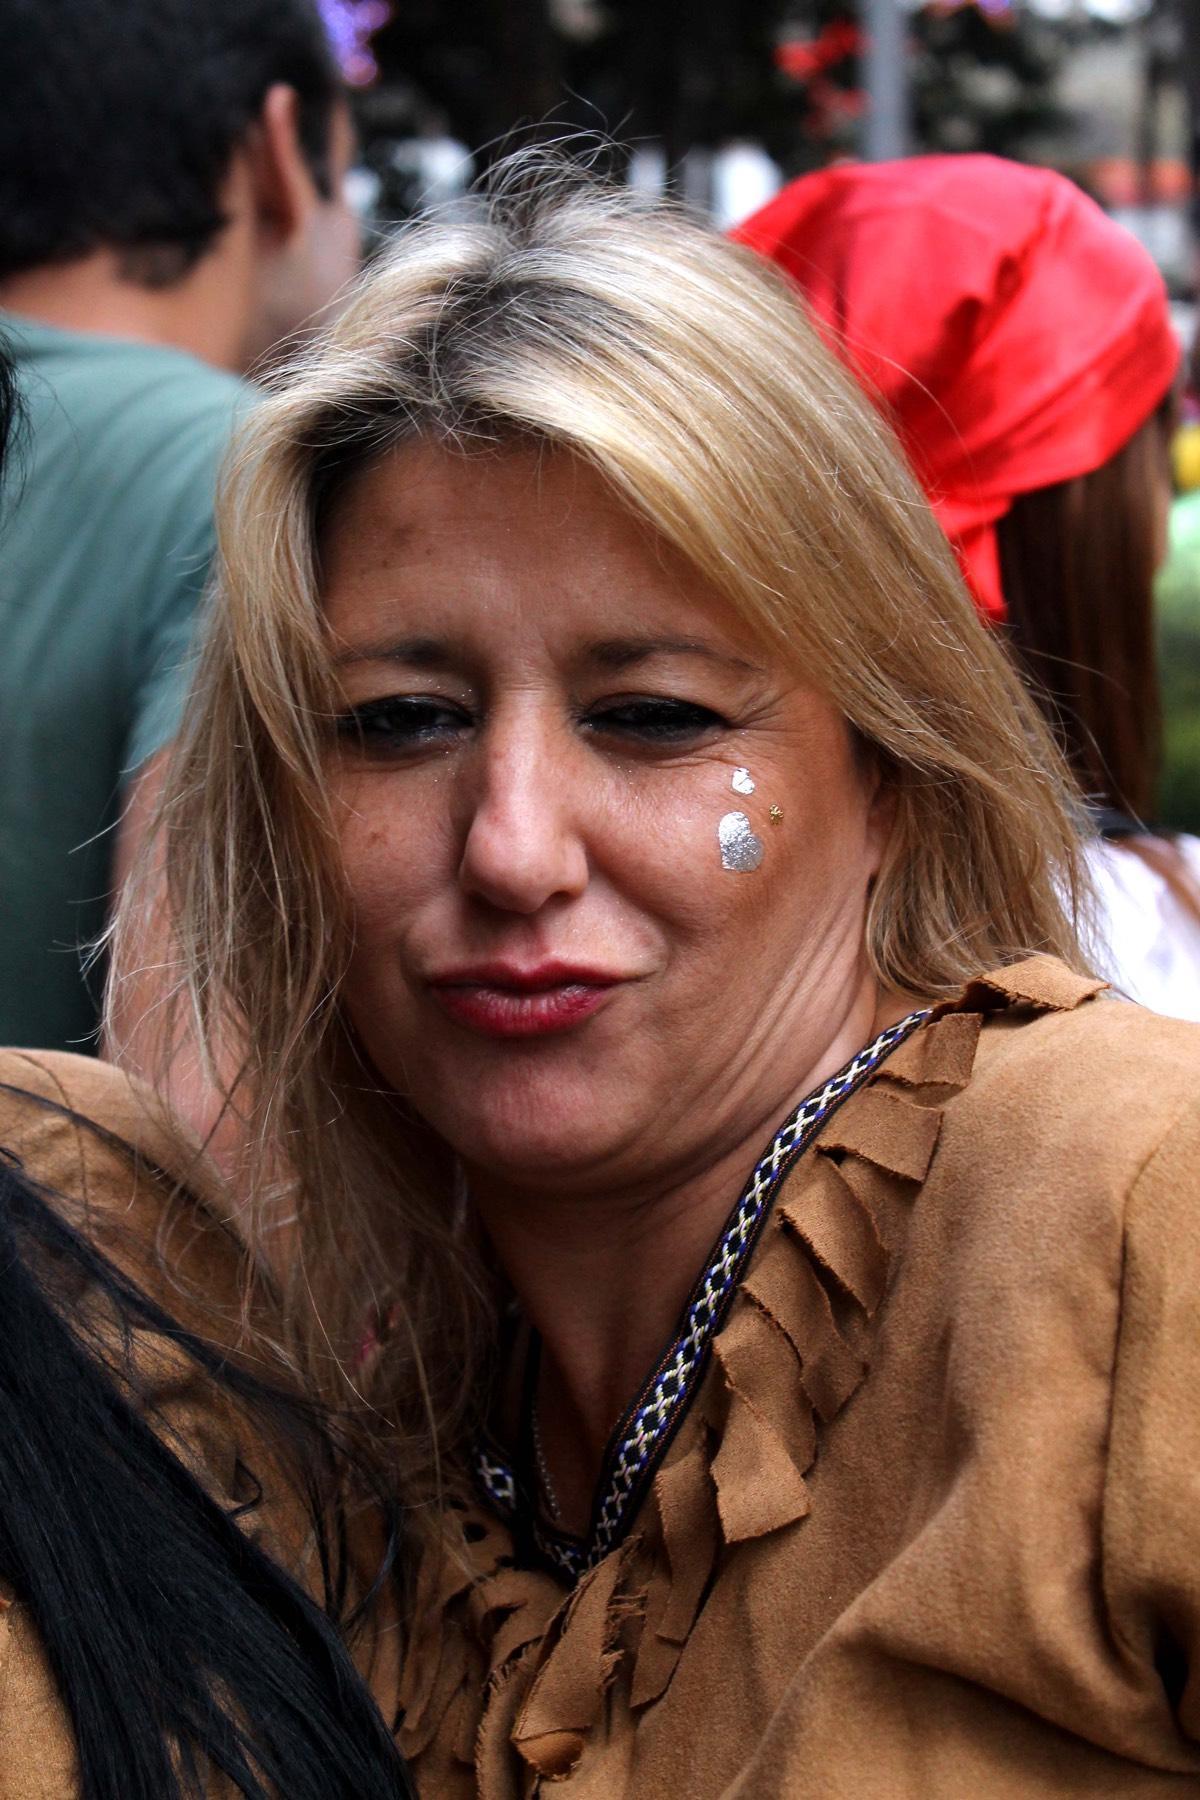 Carnaval Santa Cruz16